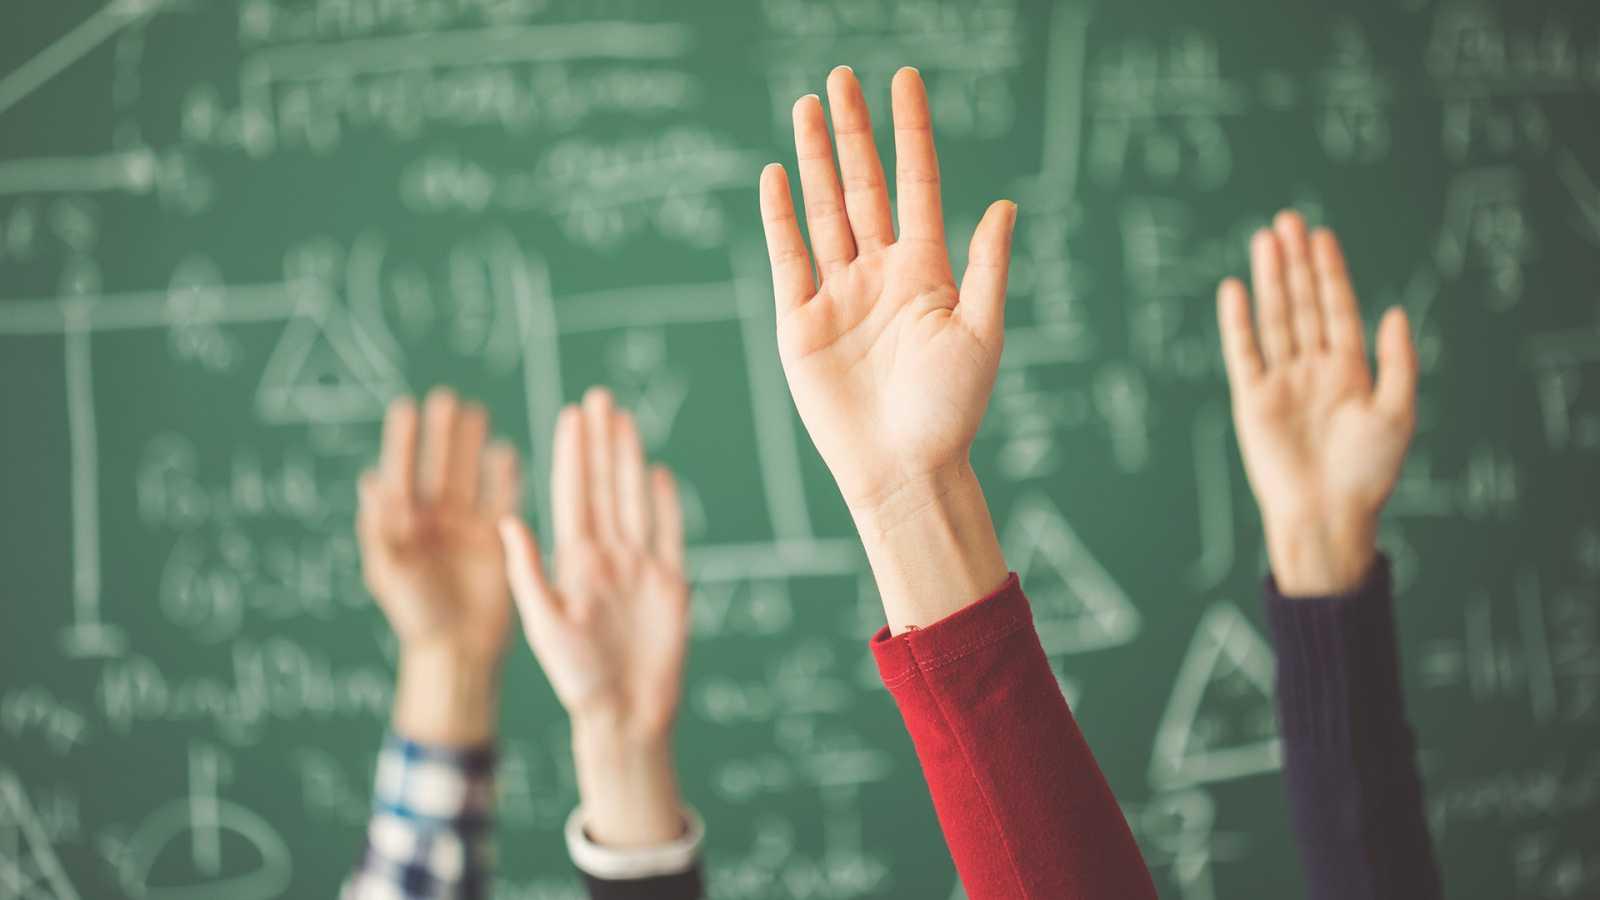 Vídeo: El Gobierno plantea una evaluación voluntaria a los profesores no universitarios